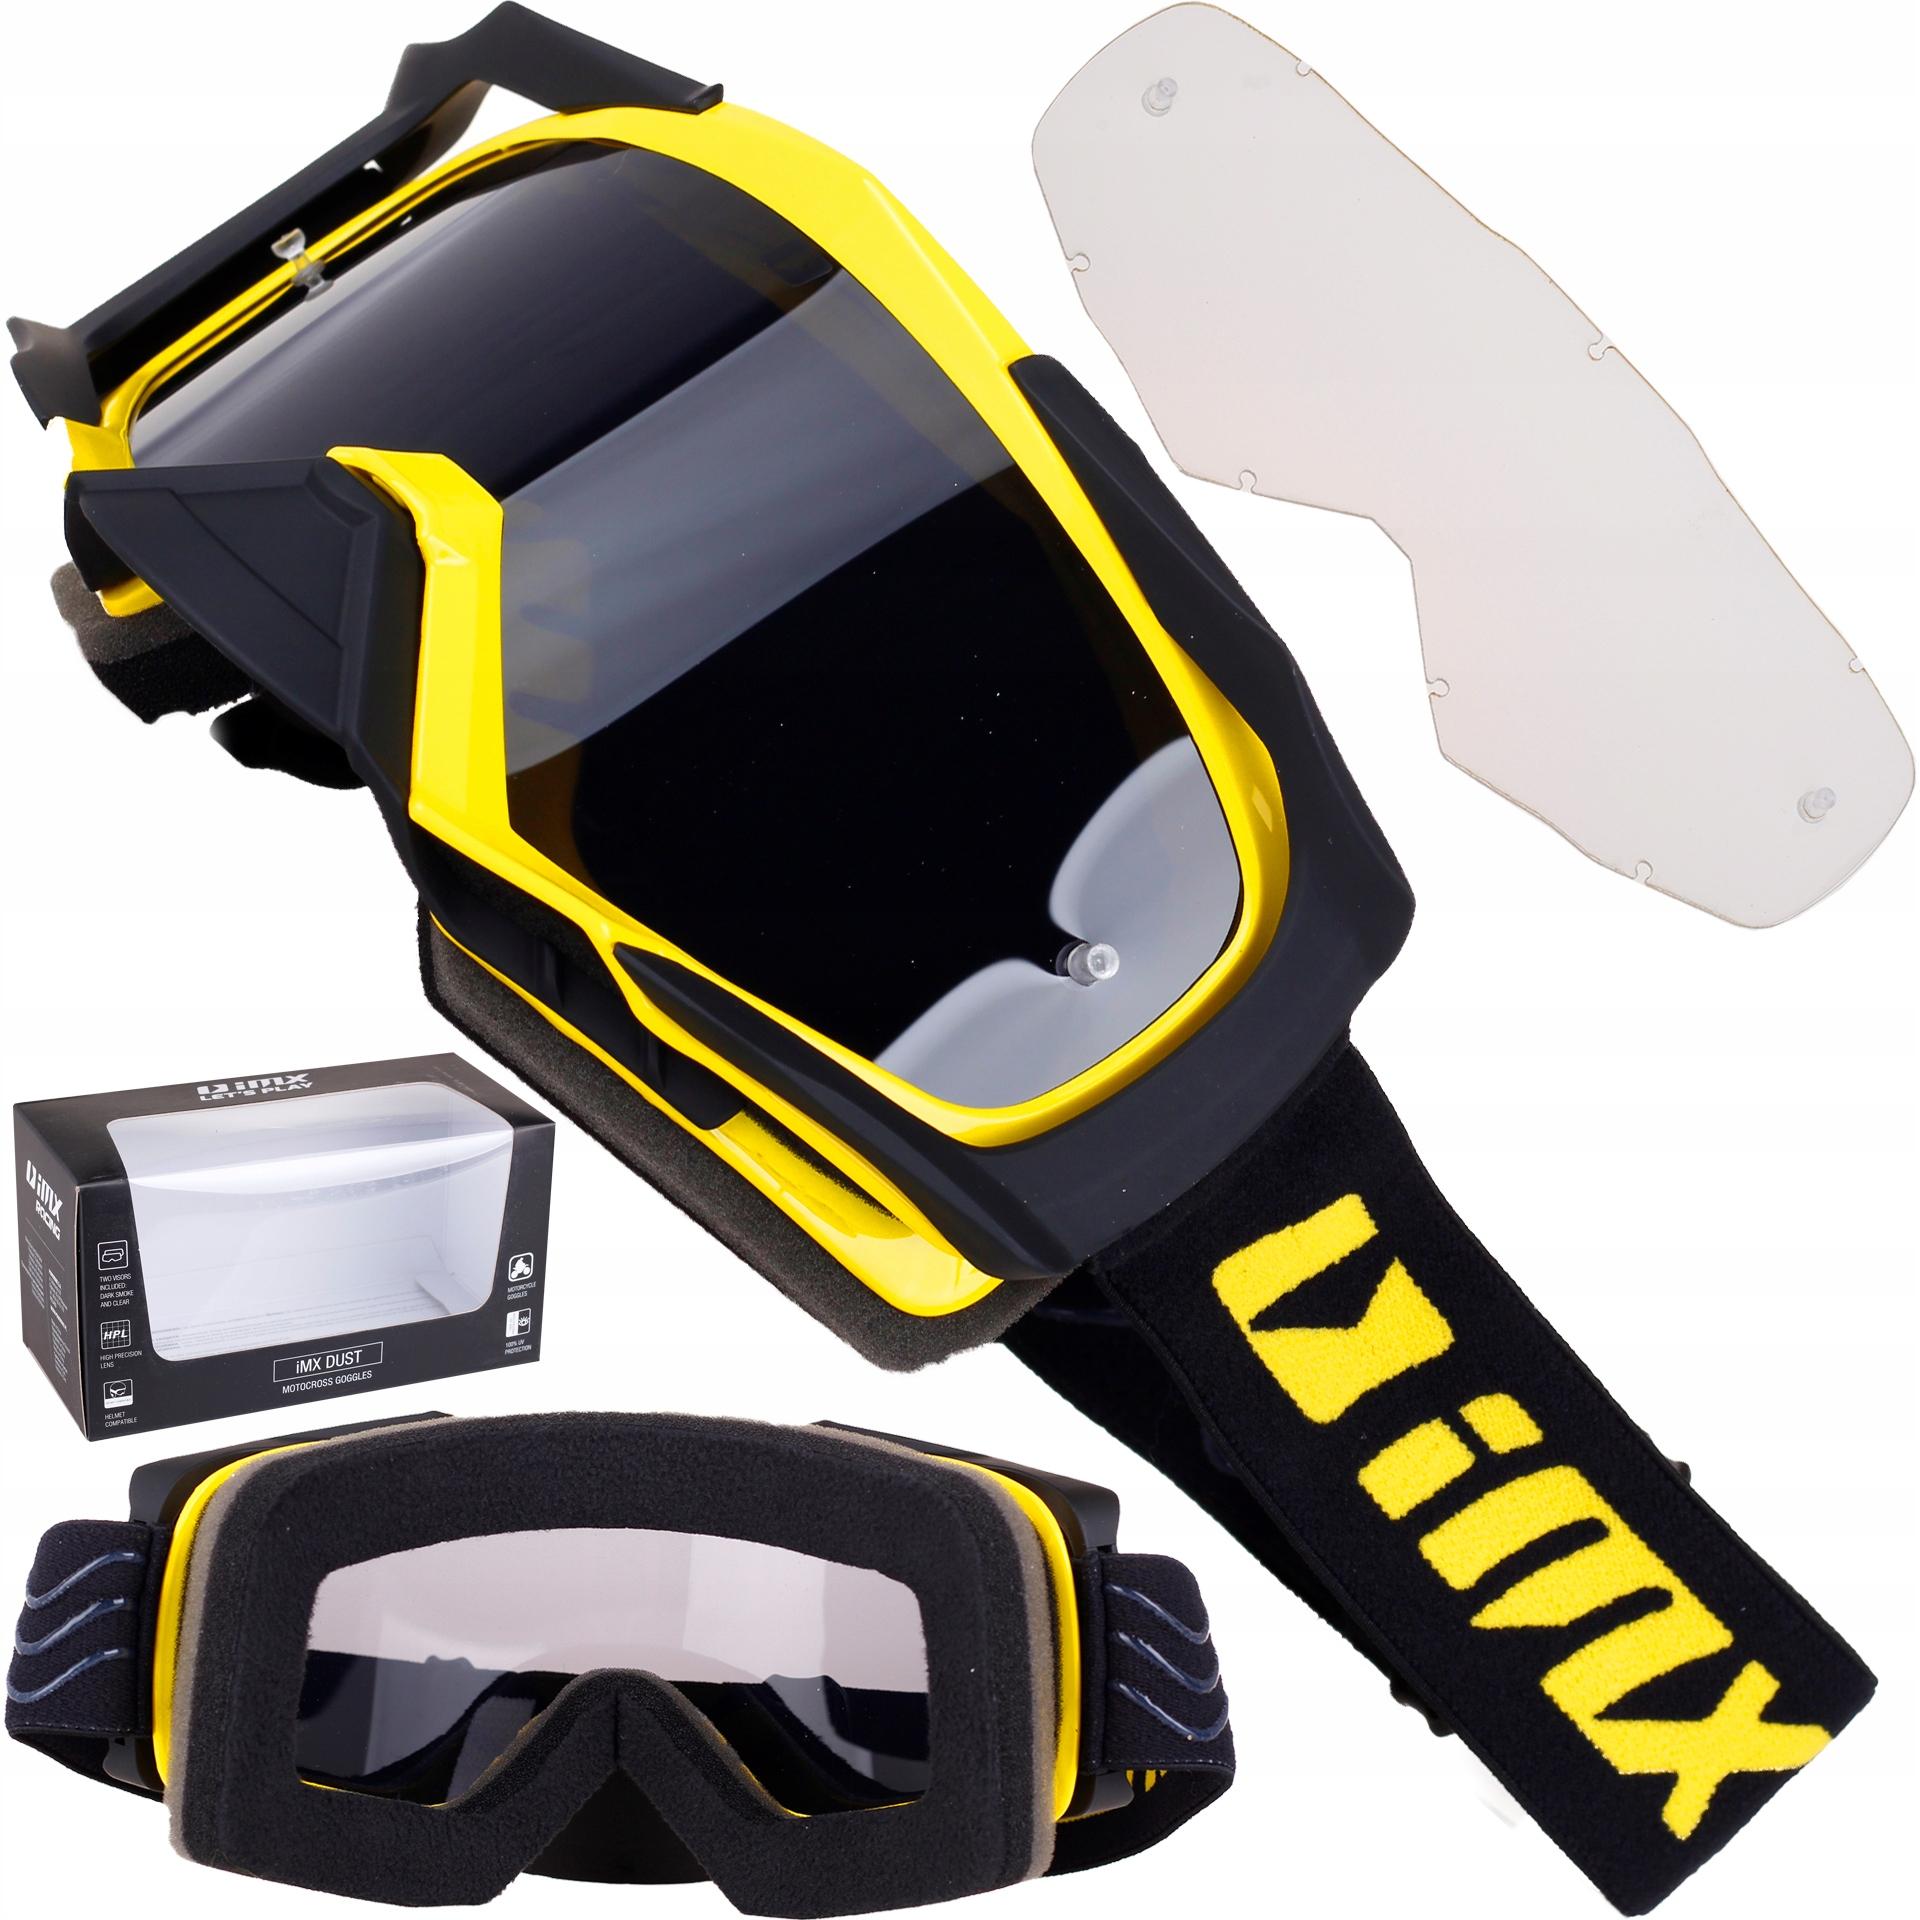 IMx конструкция пыли желтый черный Гоголь кросс эндуро 2 SZYBY